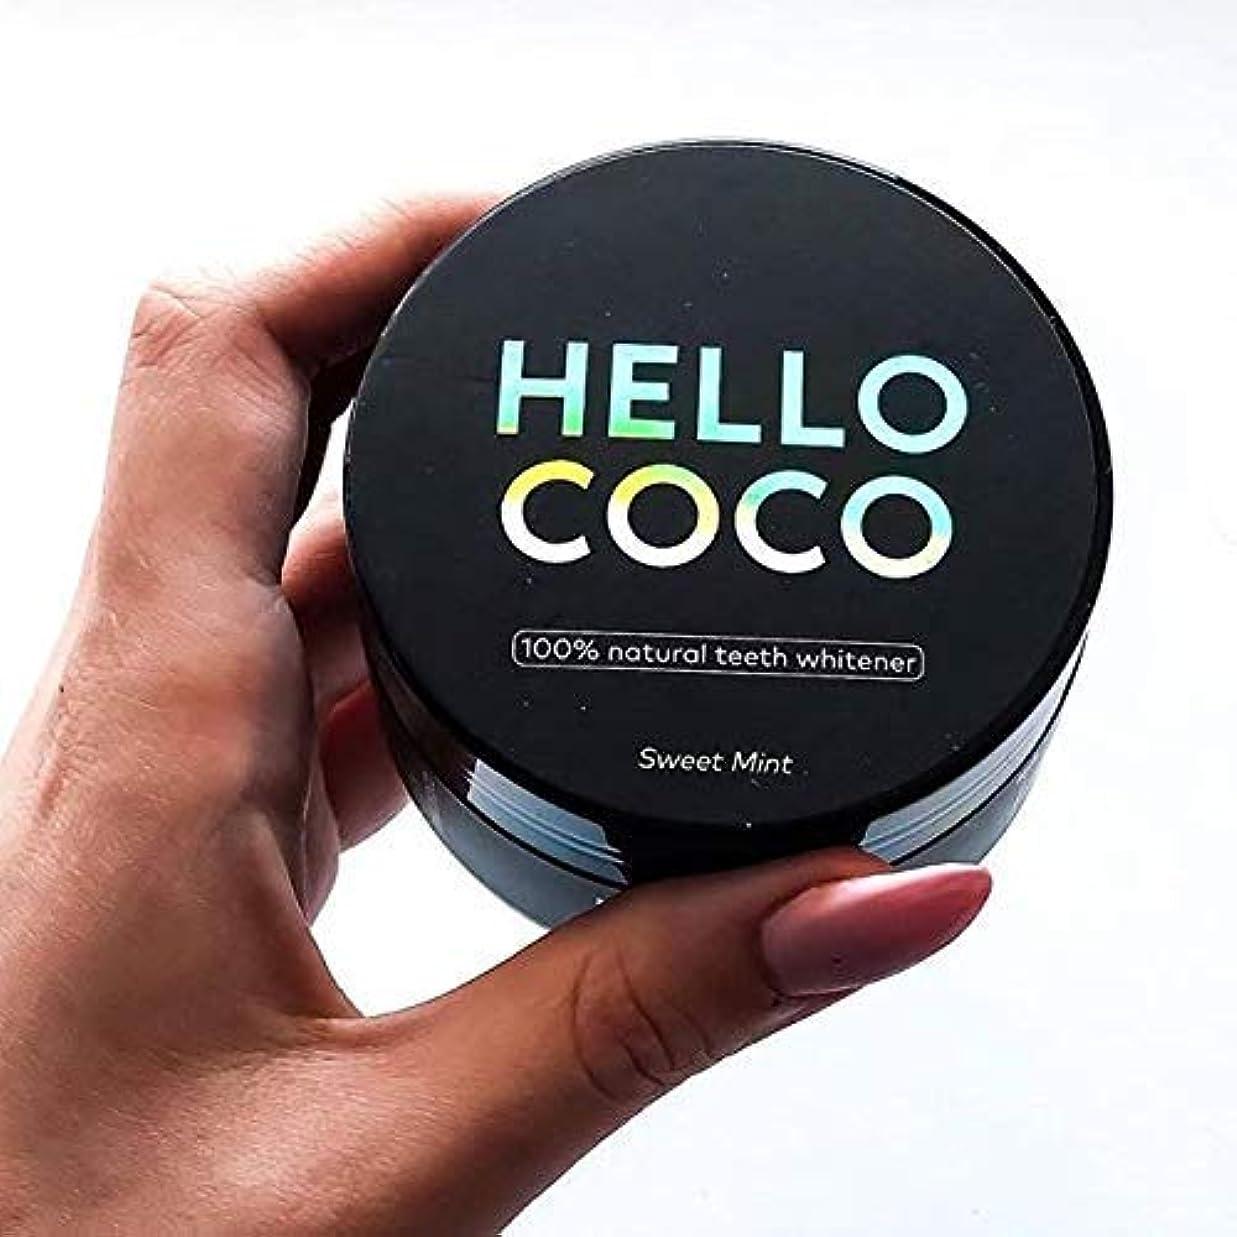 収束出版もろいNEW Instagram HIT! Hello Coco Sweet Mint - 100% Natural Activated Charcoal Powder for teeth Whitening 30g?/ 新しいインスタグラムのヒット! こんにちはココの甘いミント - 30gを白くする歯のための100%の自然な活動化させた木炭粉